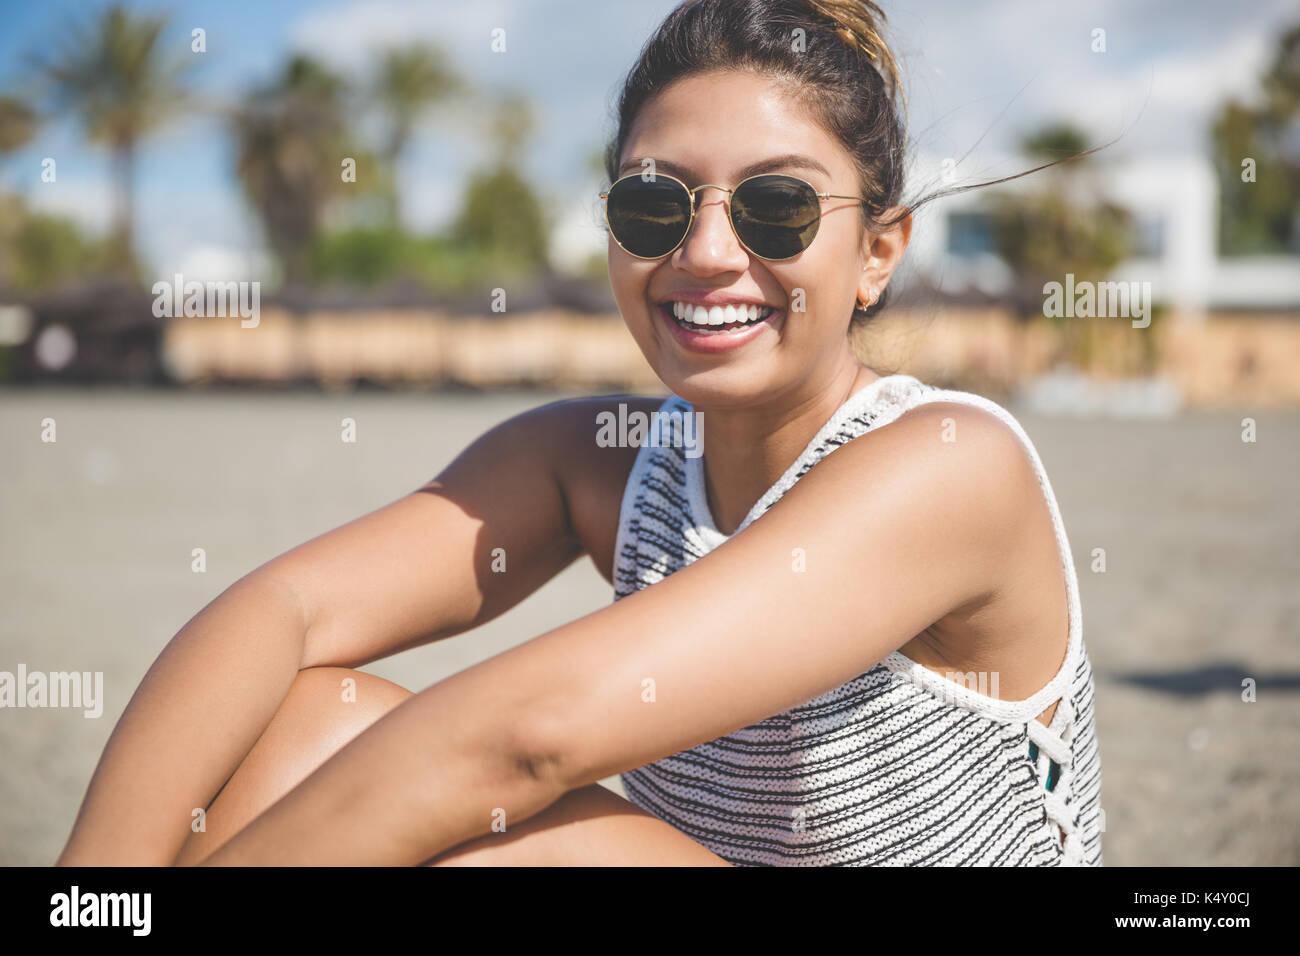 Porträt der schöne junge Frau sitzt am Strand lachen Stockbild